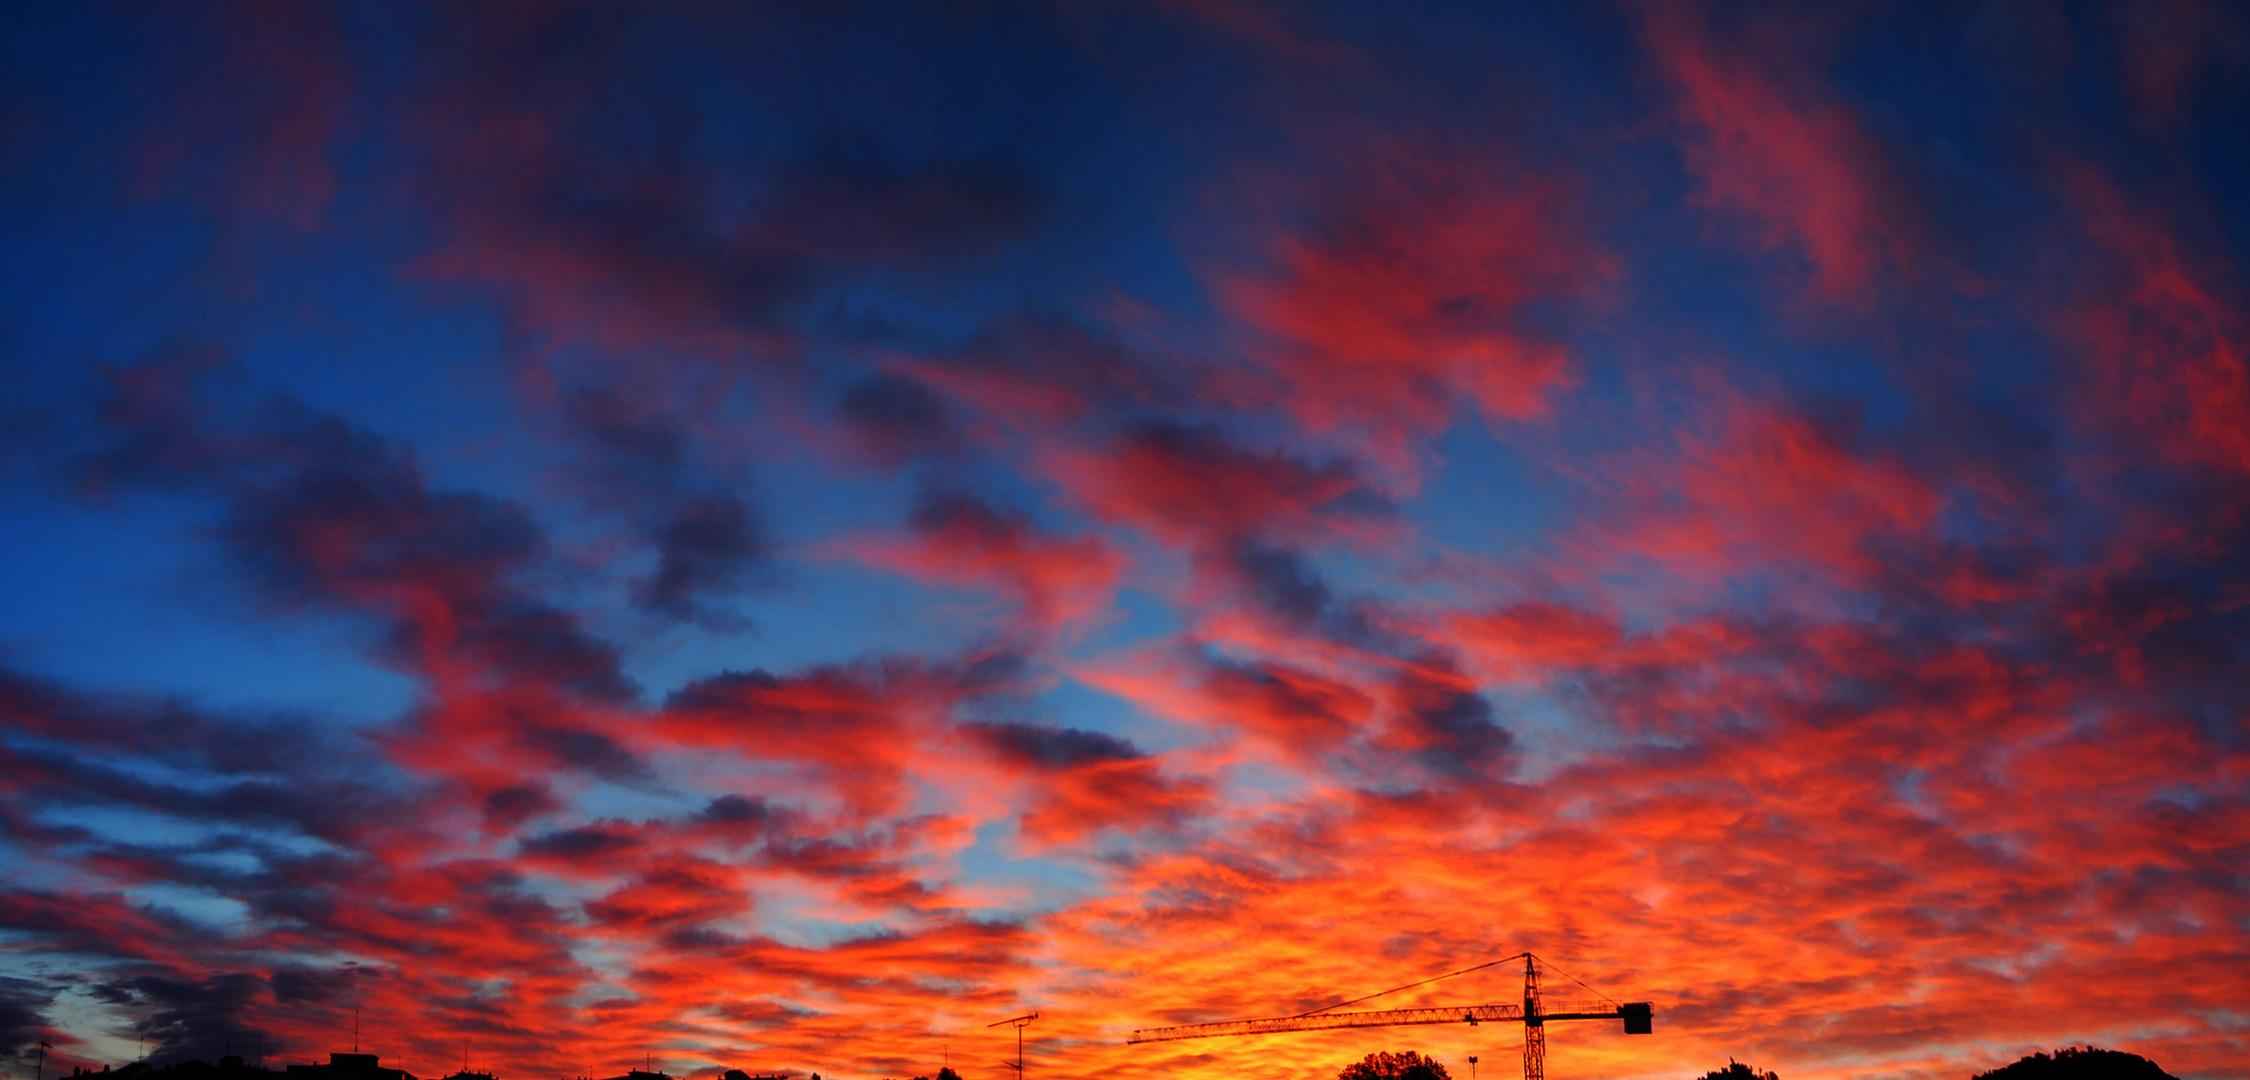 Arde el amanecer